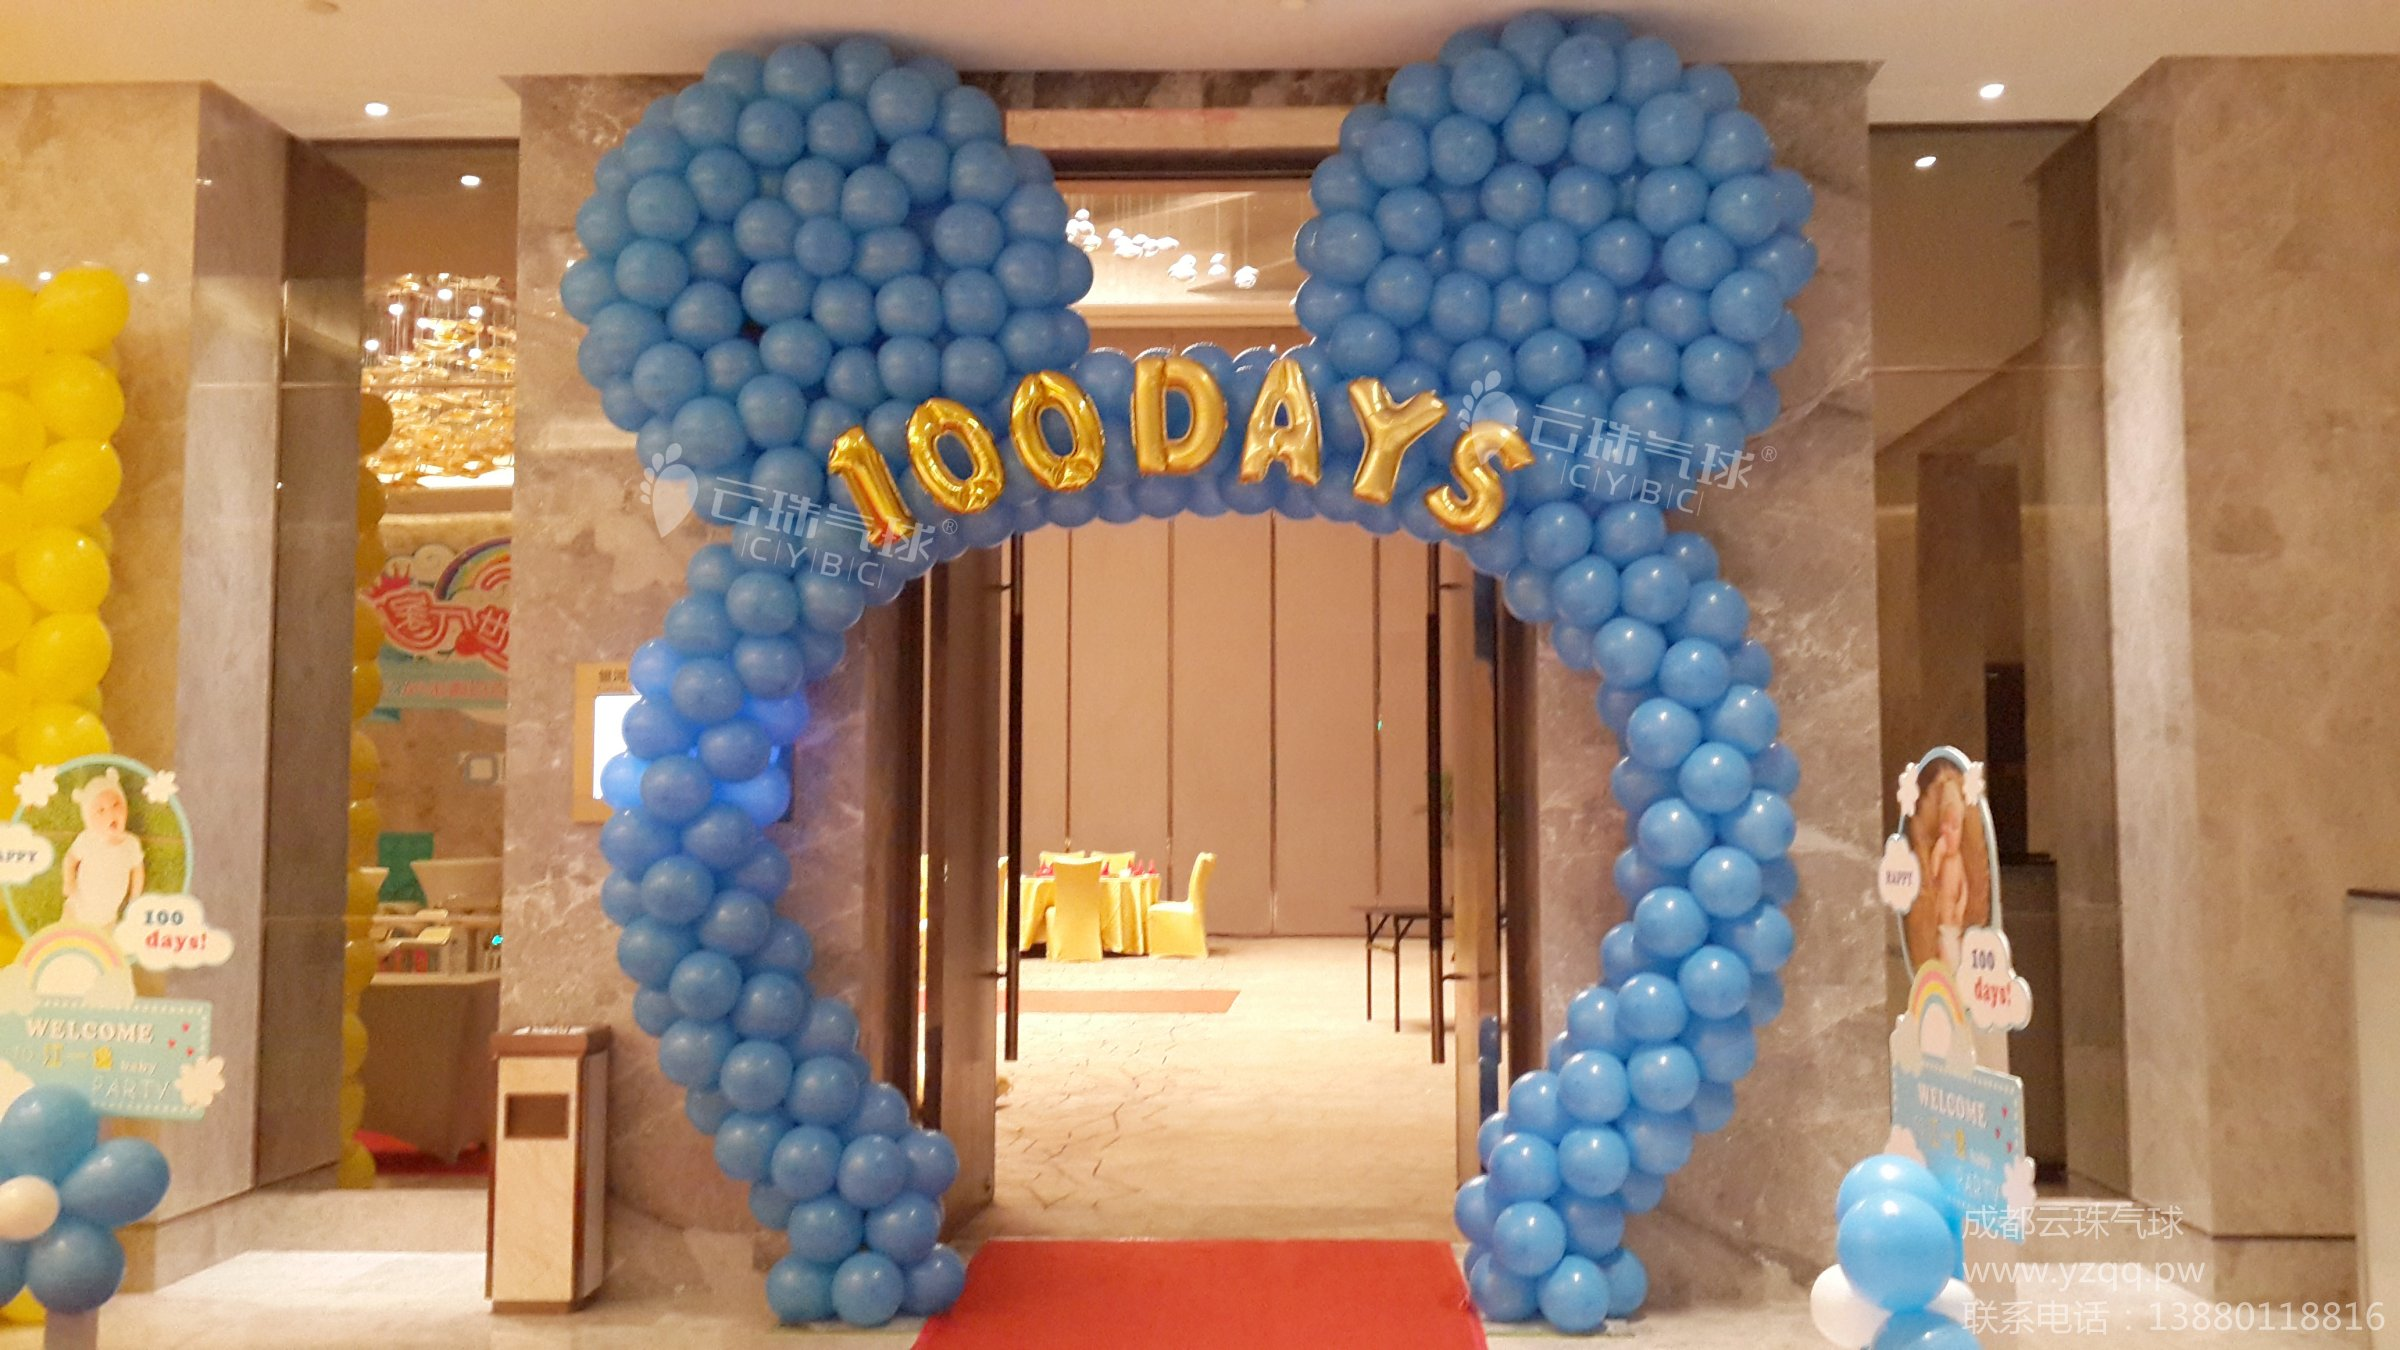 供应用于气球的卡通动物主题气球装饰/气球百日宴